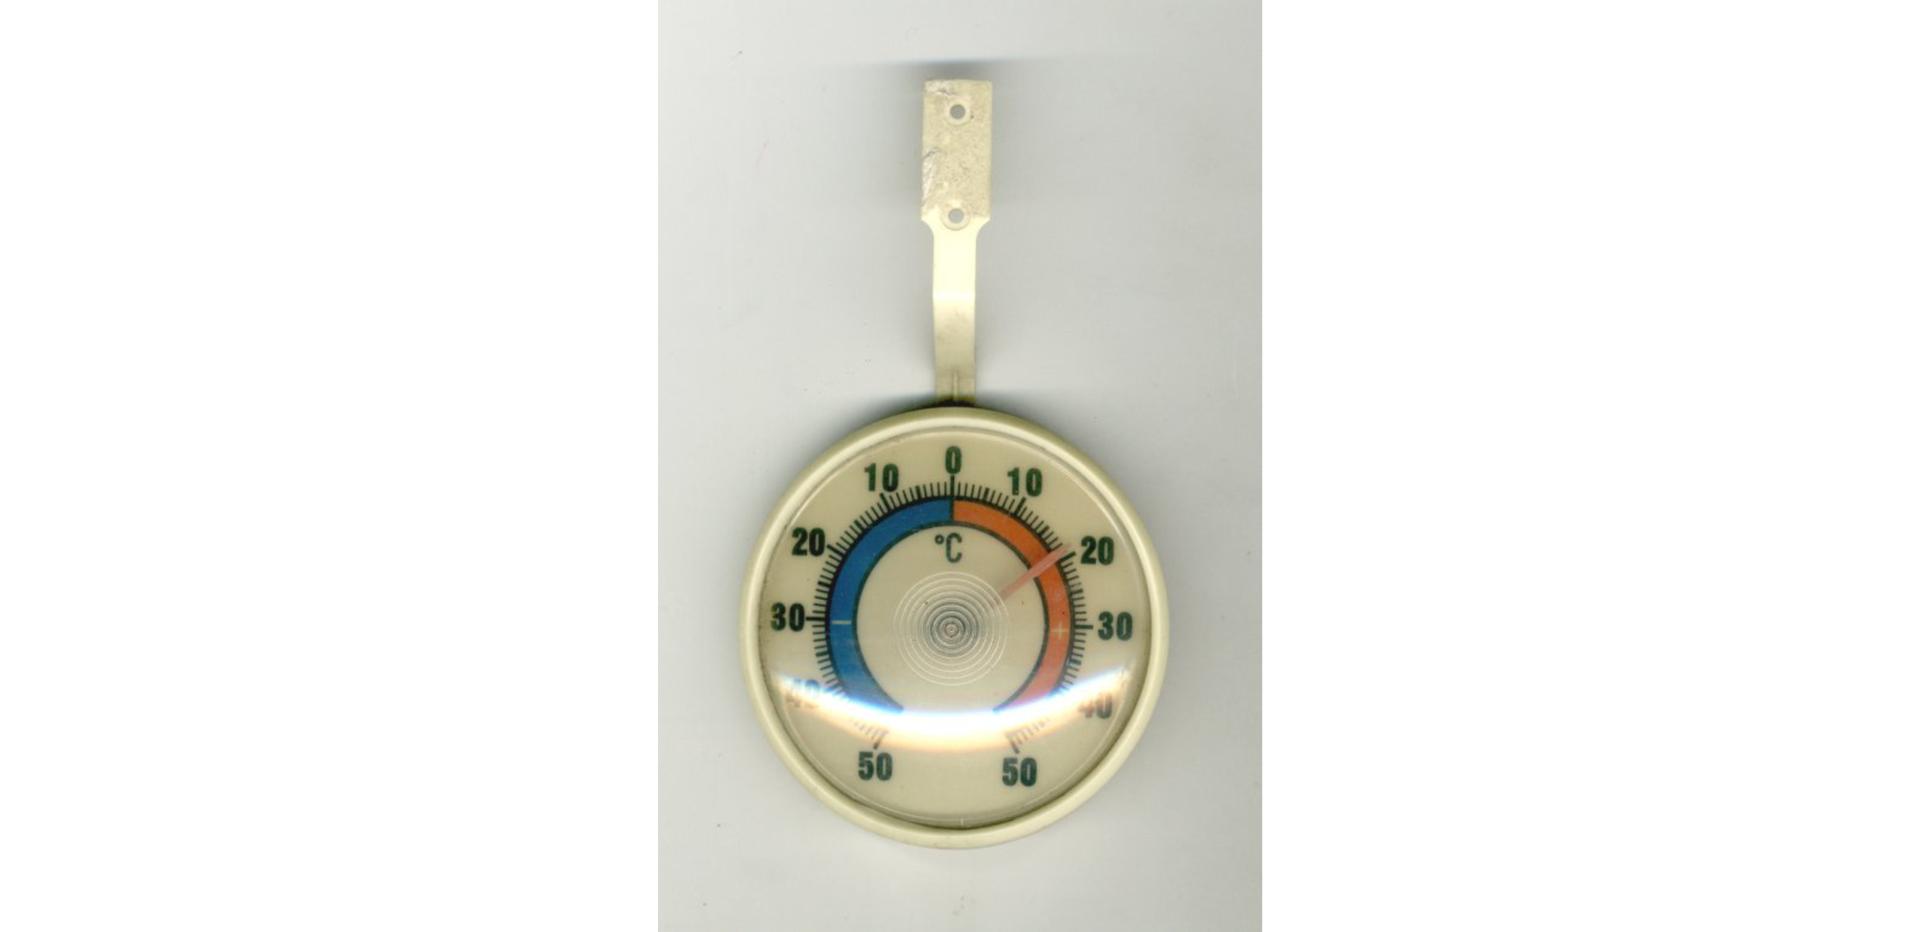 Ilustracja przedstawia termometr bimetalowy.